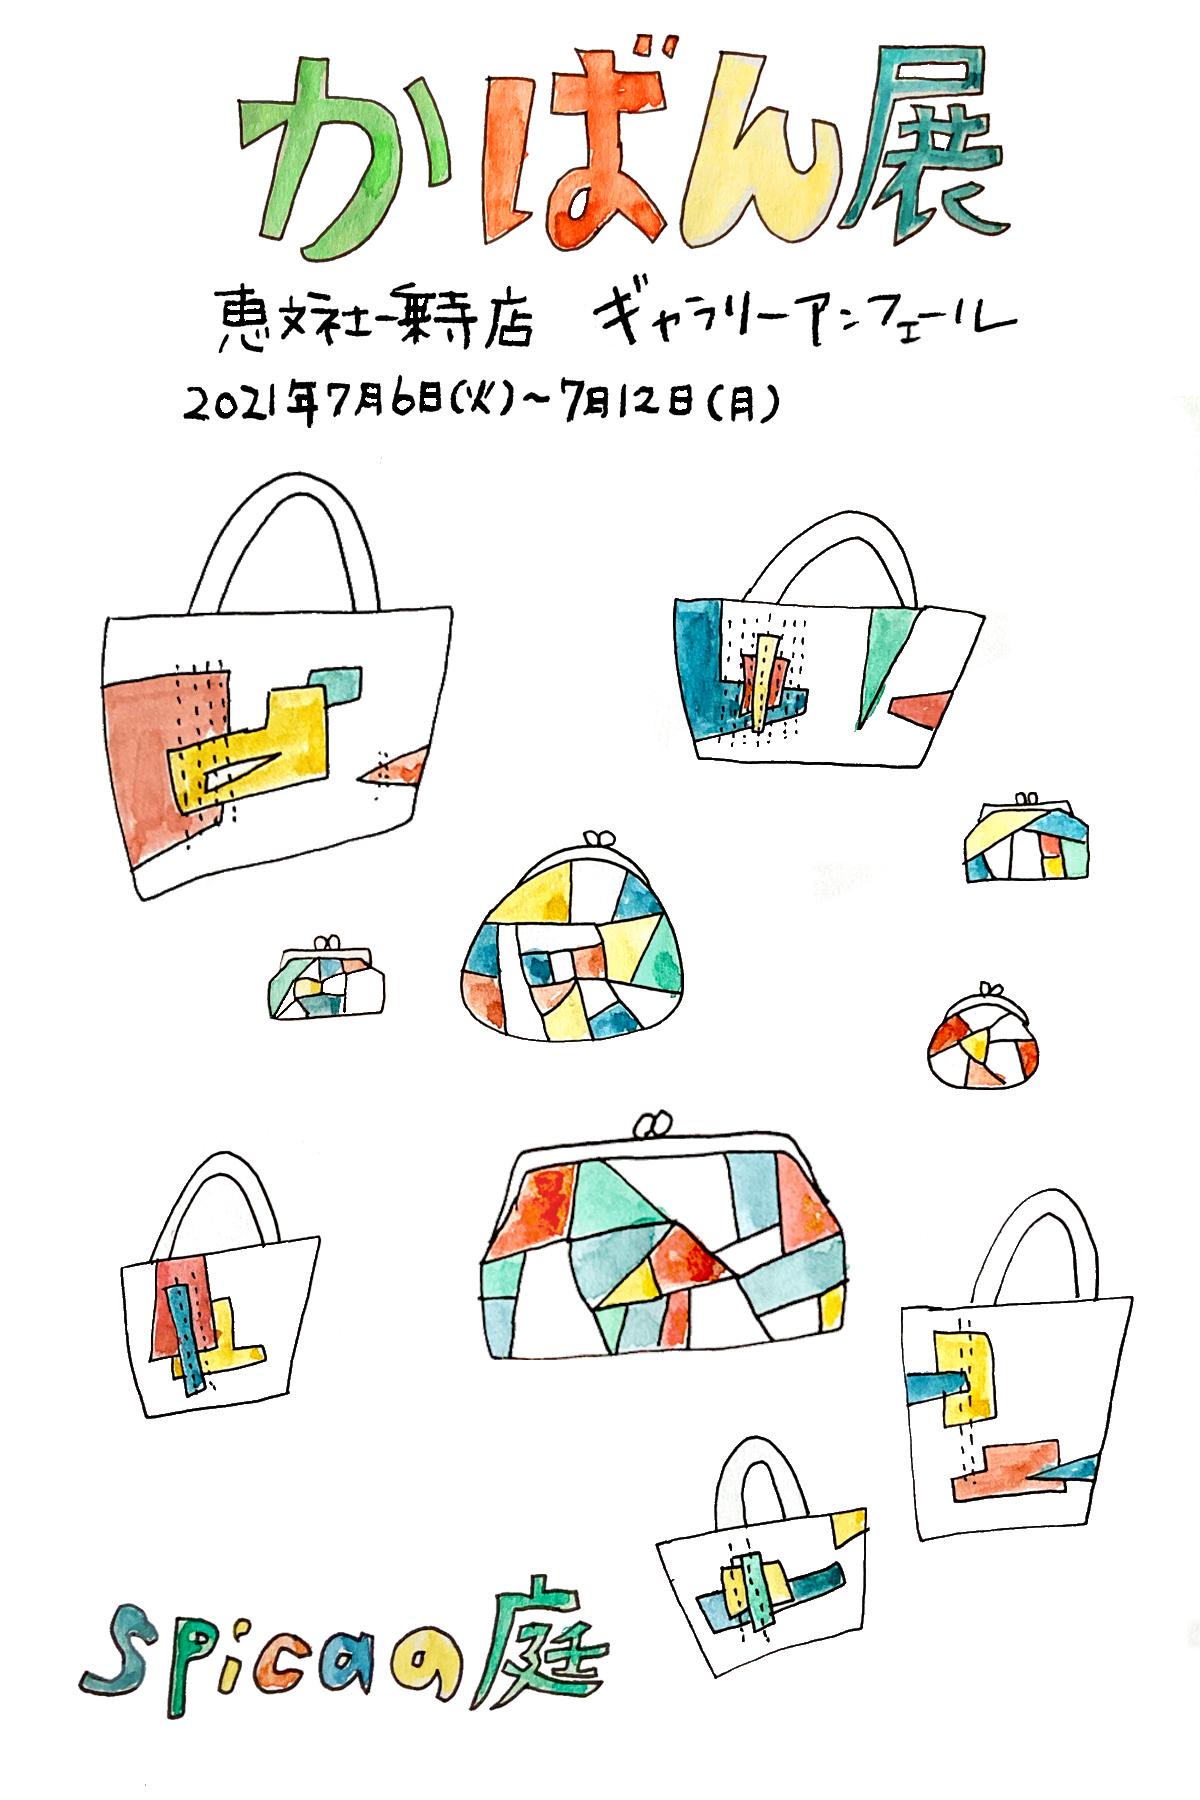 7/6(火)〜7/12(月)『かばん展』恵文社一乗寺店にて開催いたします。